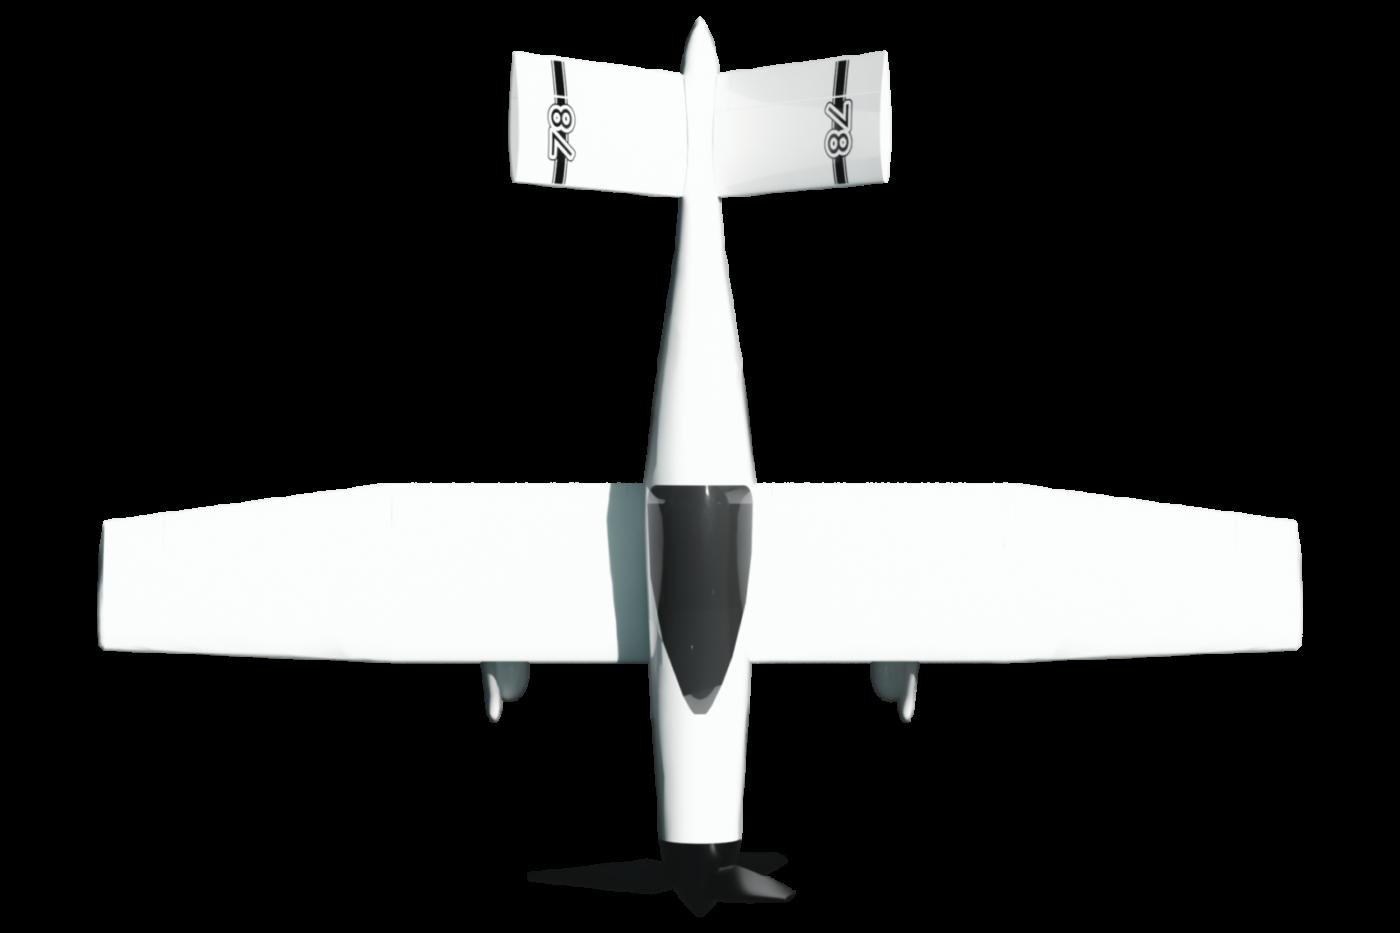 Vue du dessus de l'avion de course suisse électrique UR-1